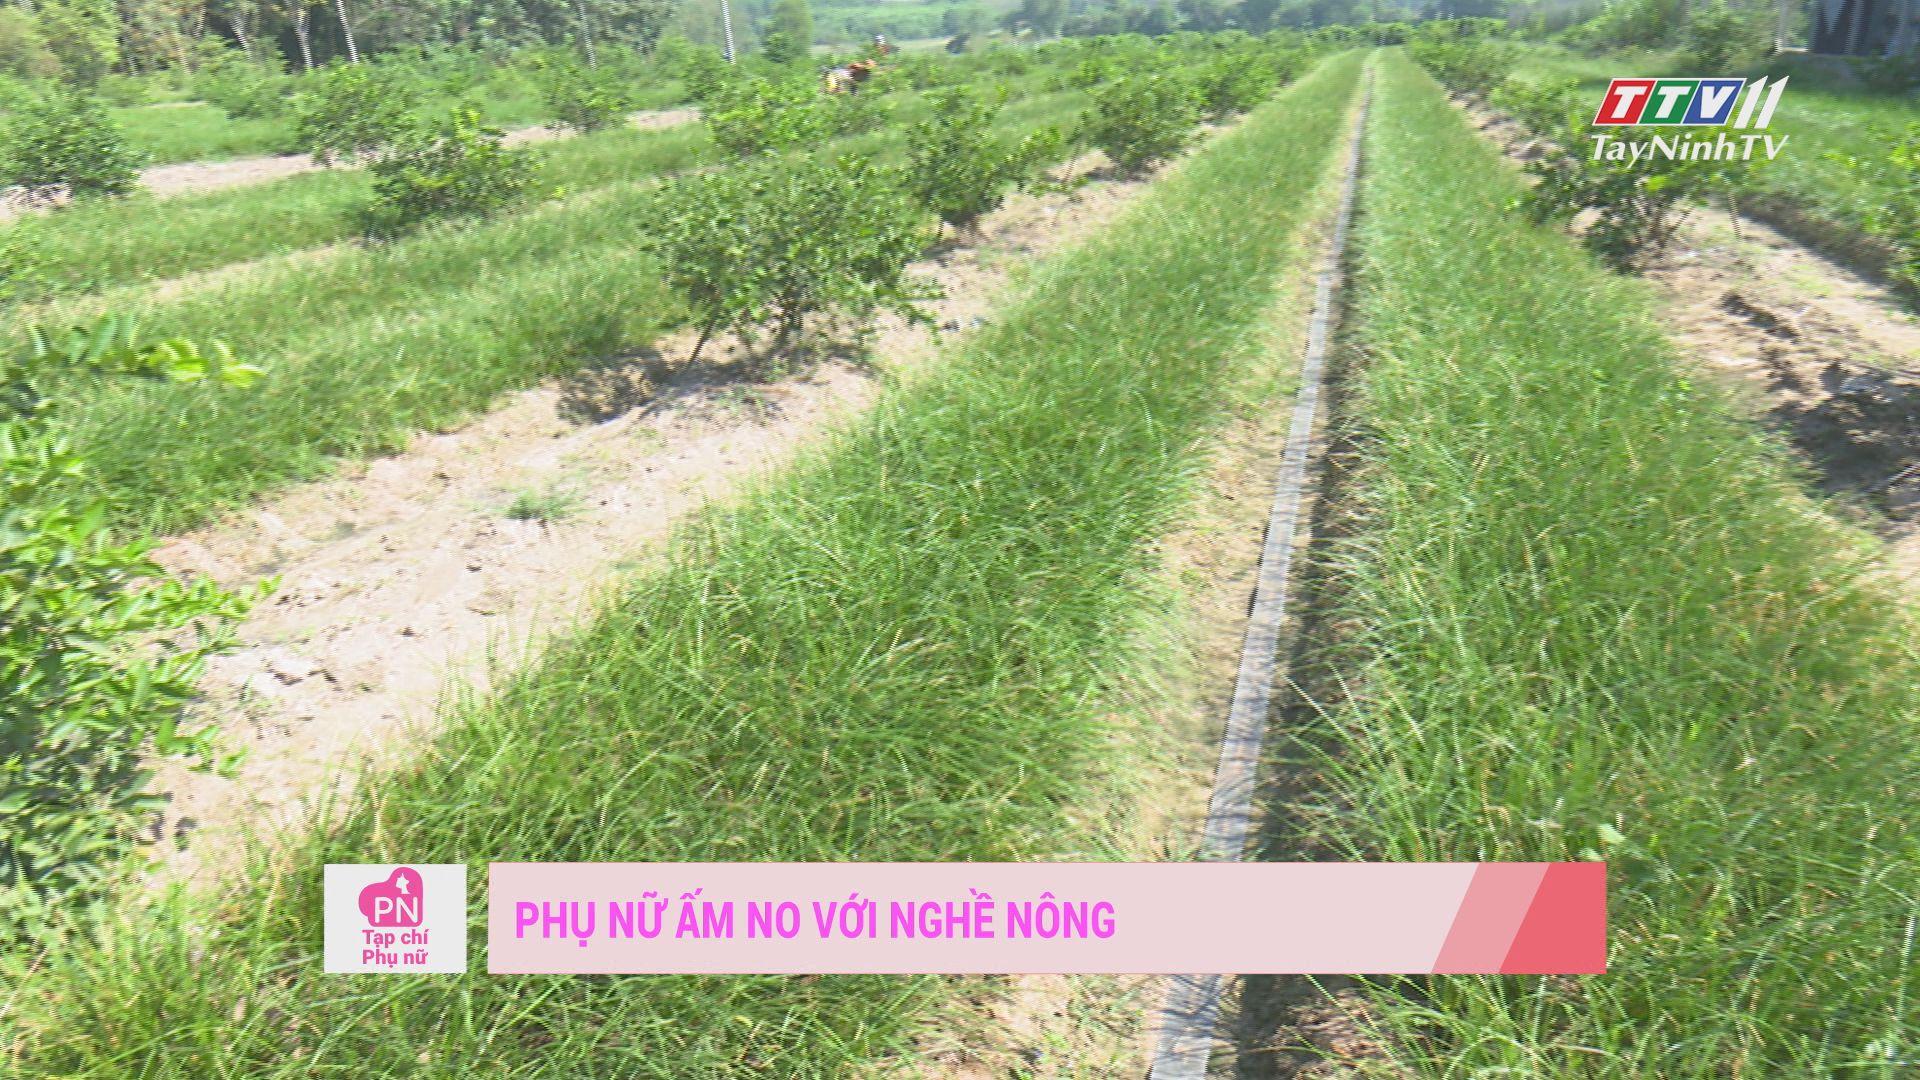 Phụ nữ ấp no với nghề nông | TẠP CHÍ PHỤ NỮ | TayNinh TV